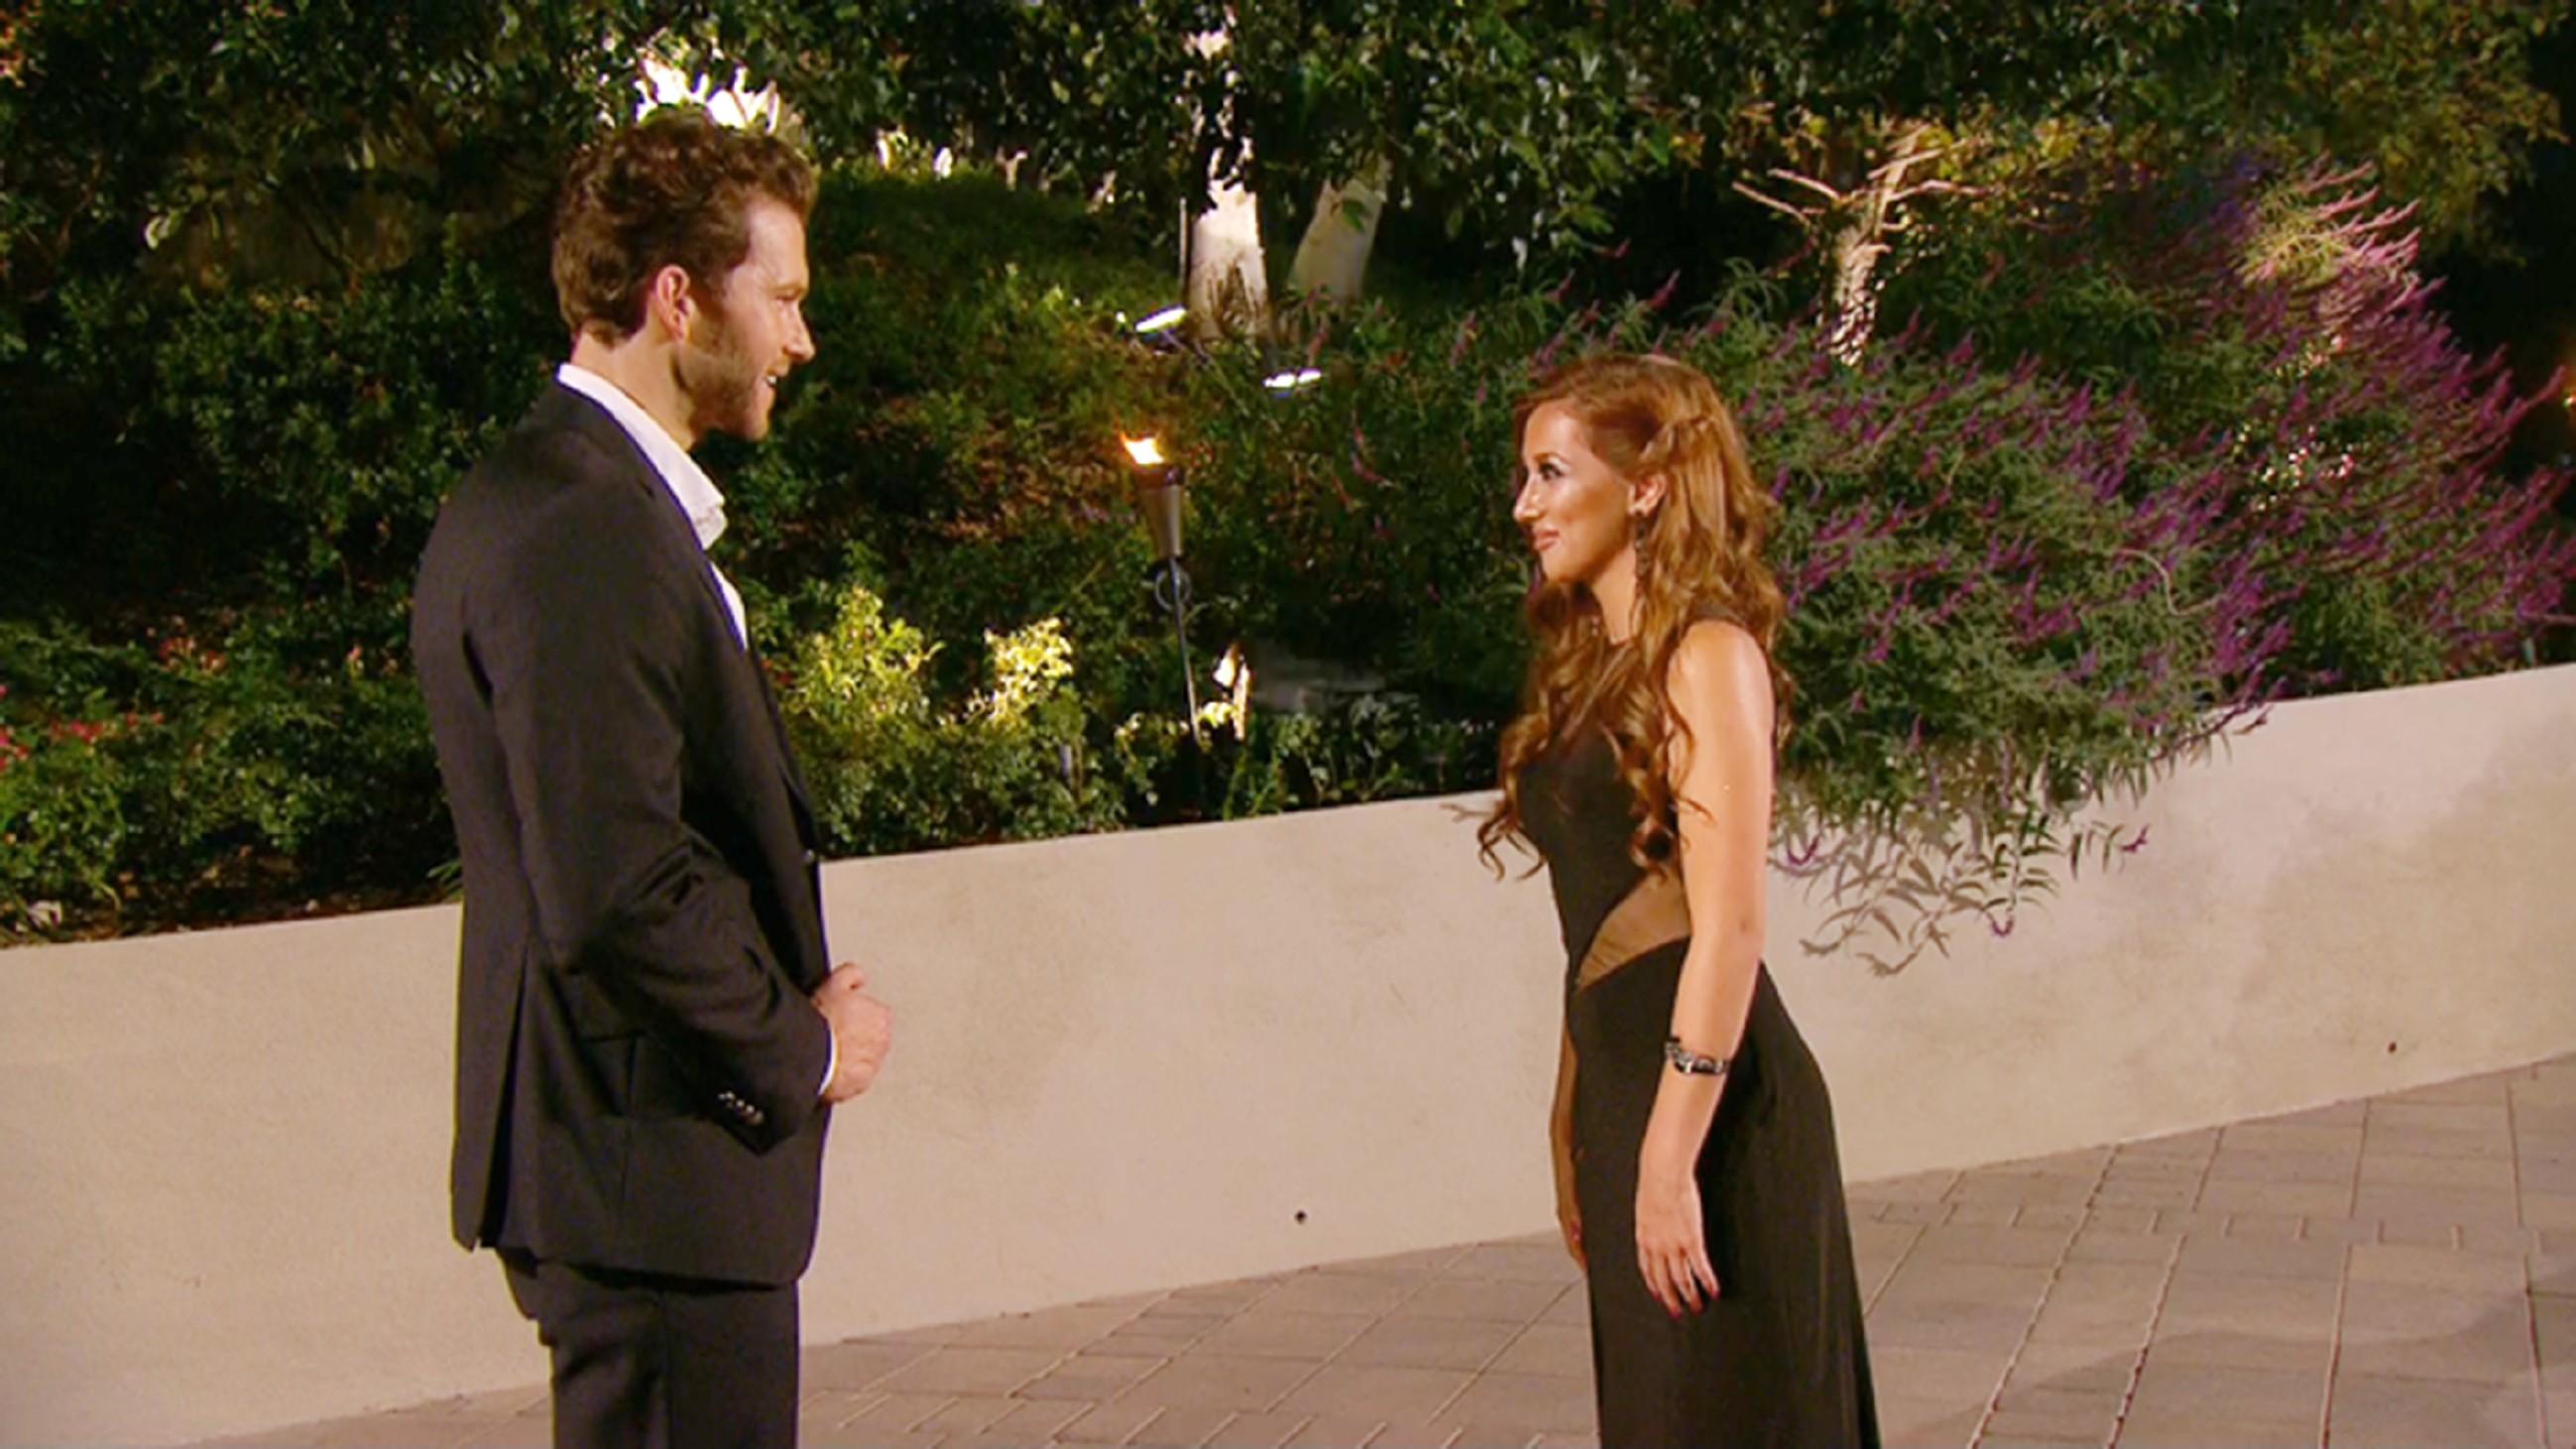 Der Bachelor 2015 - Folge 1 - Hina Jasmin